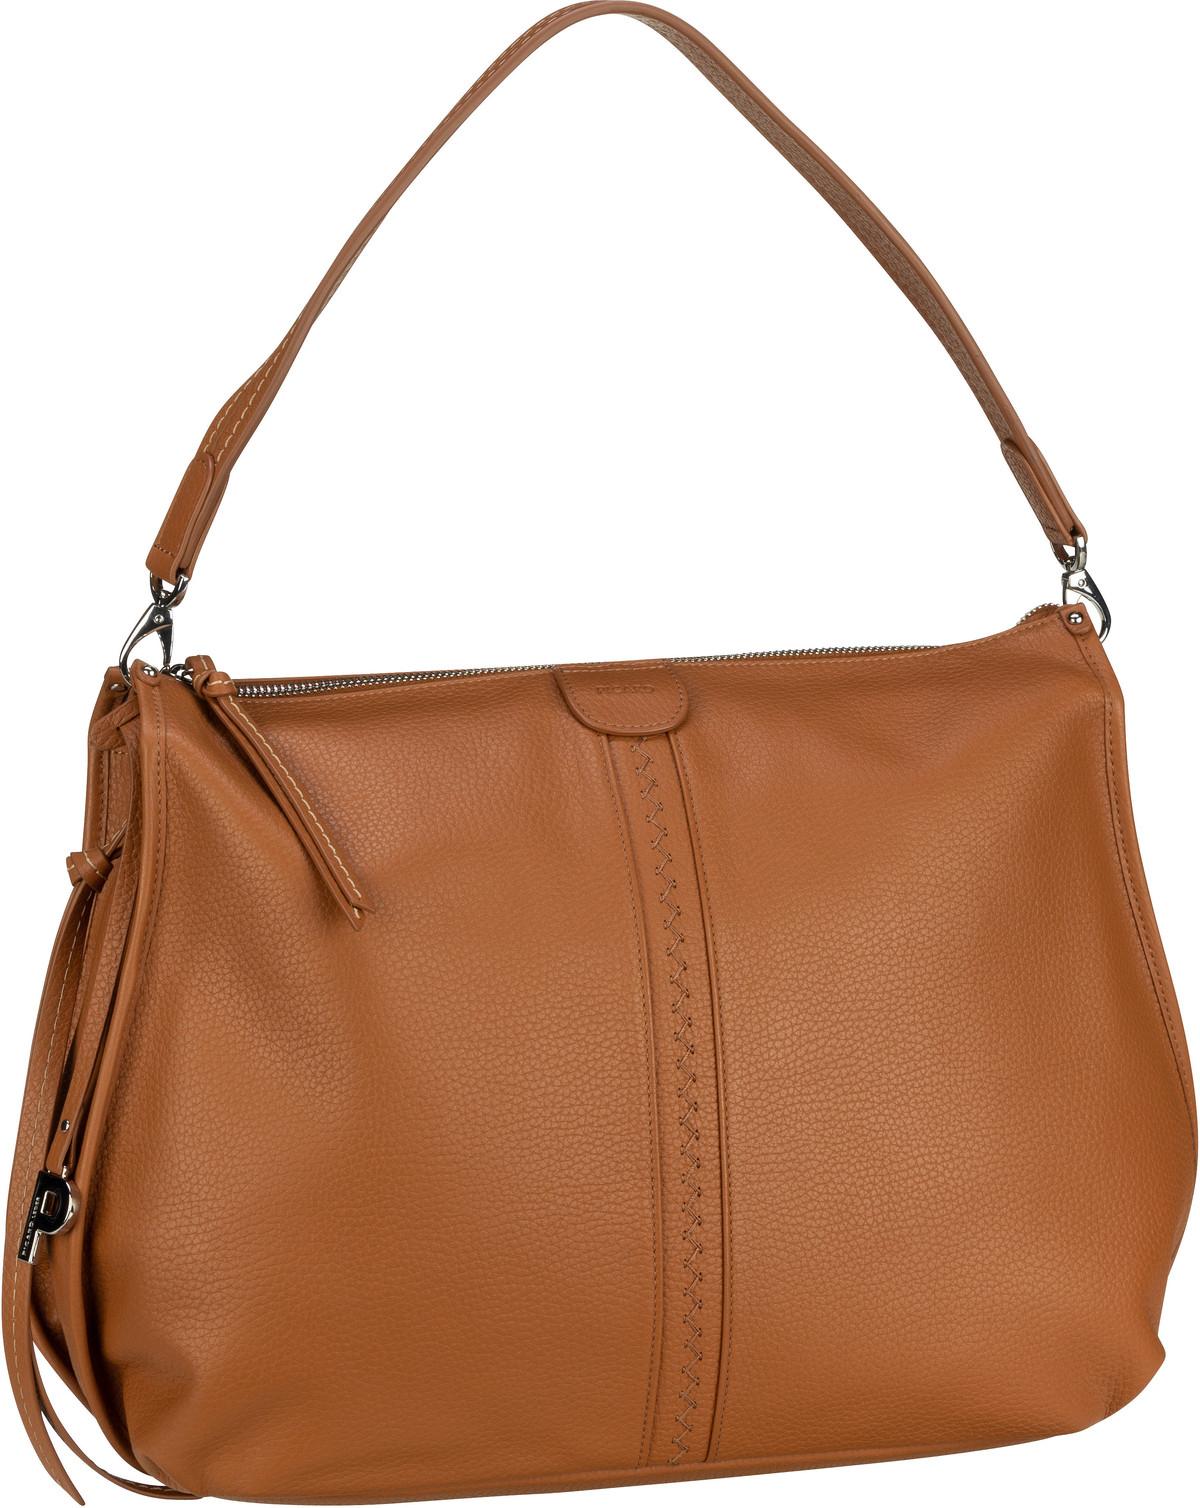 Handtasche Squaw 9926 Cognac